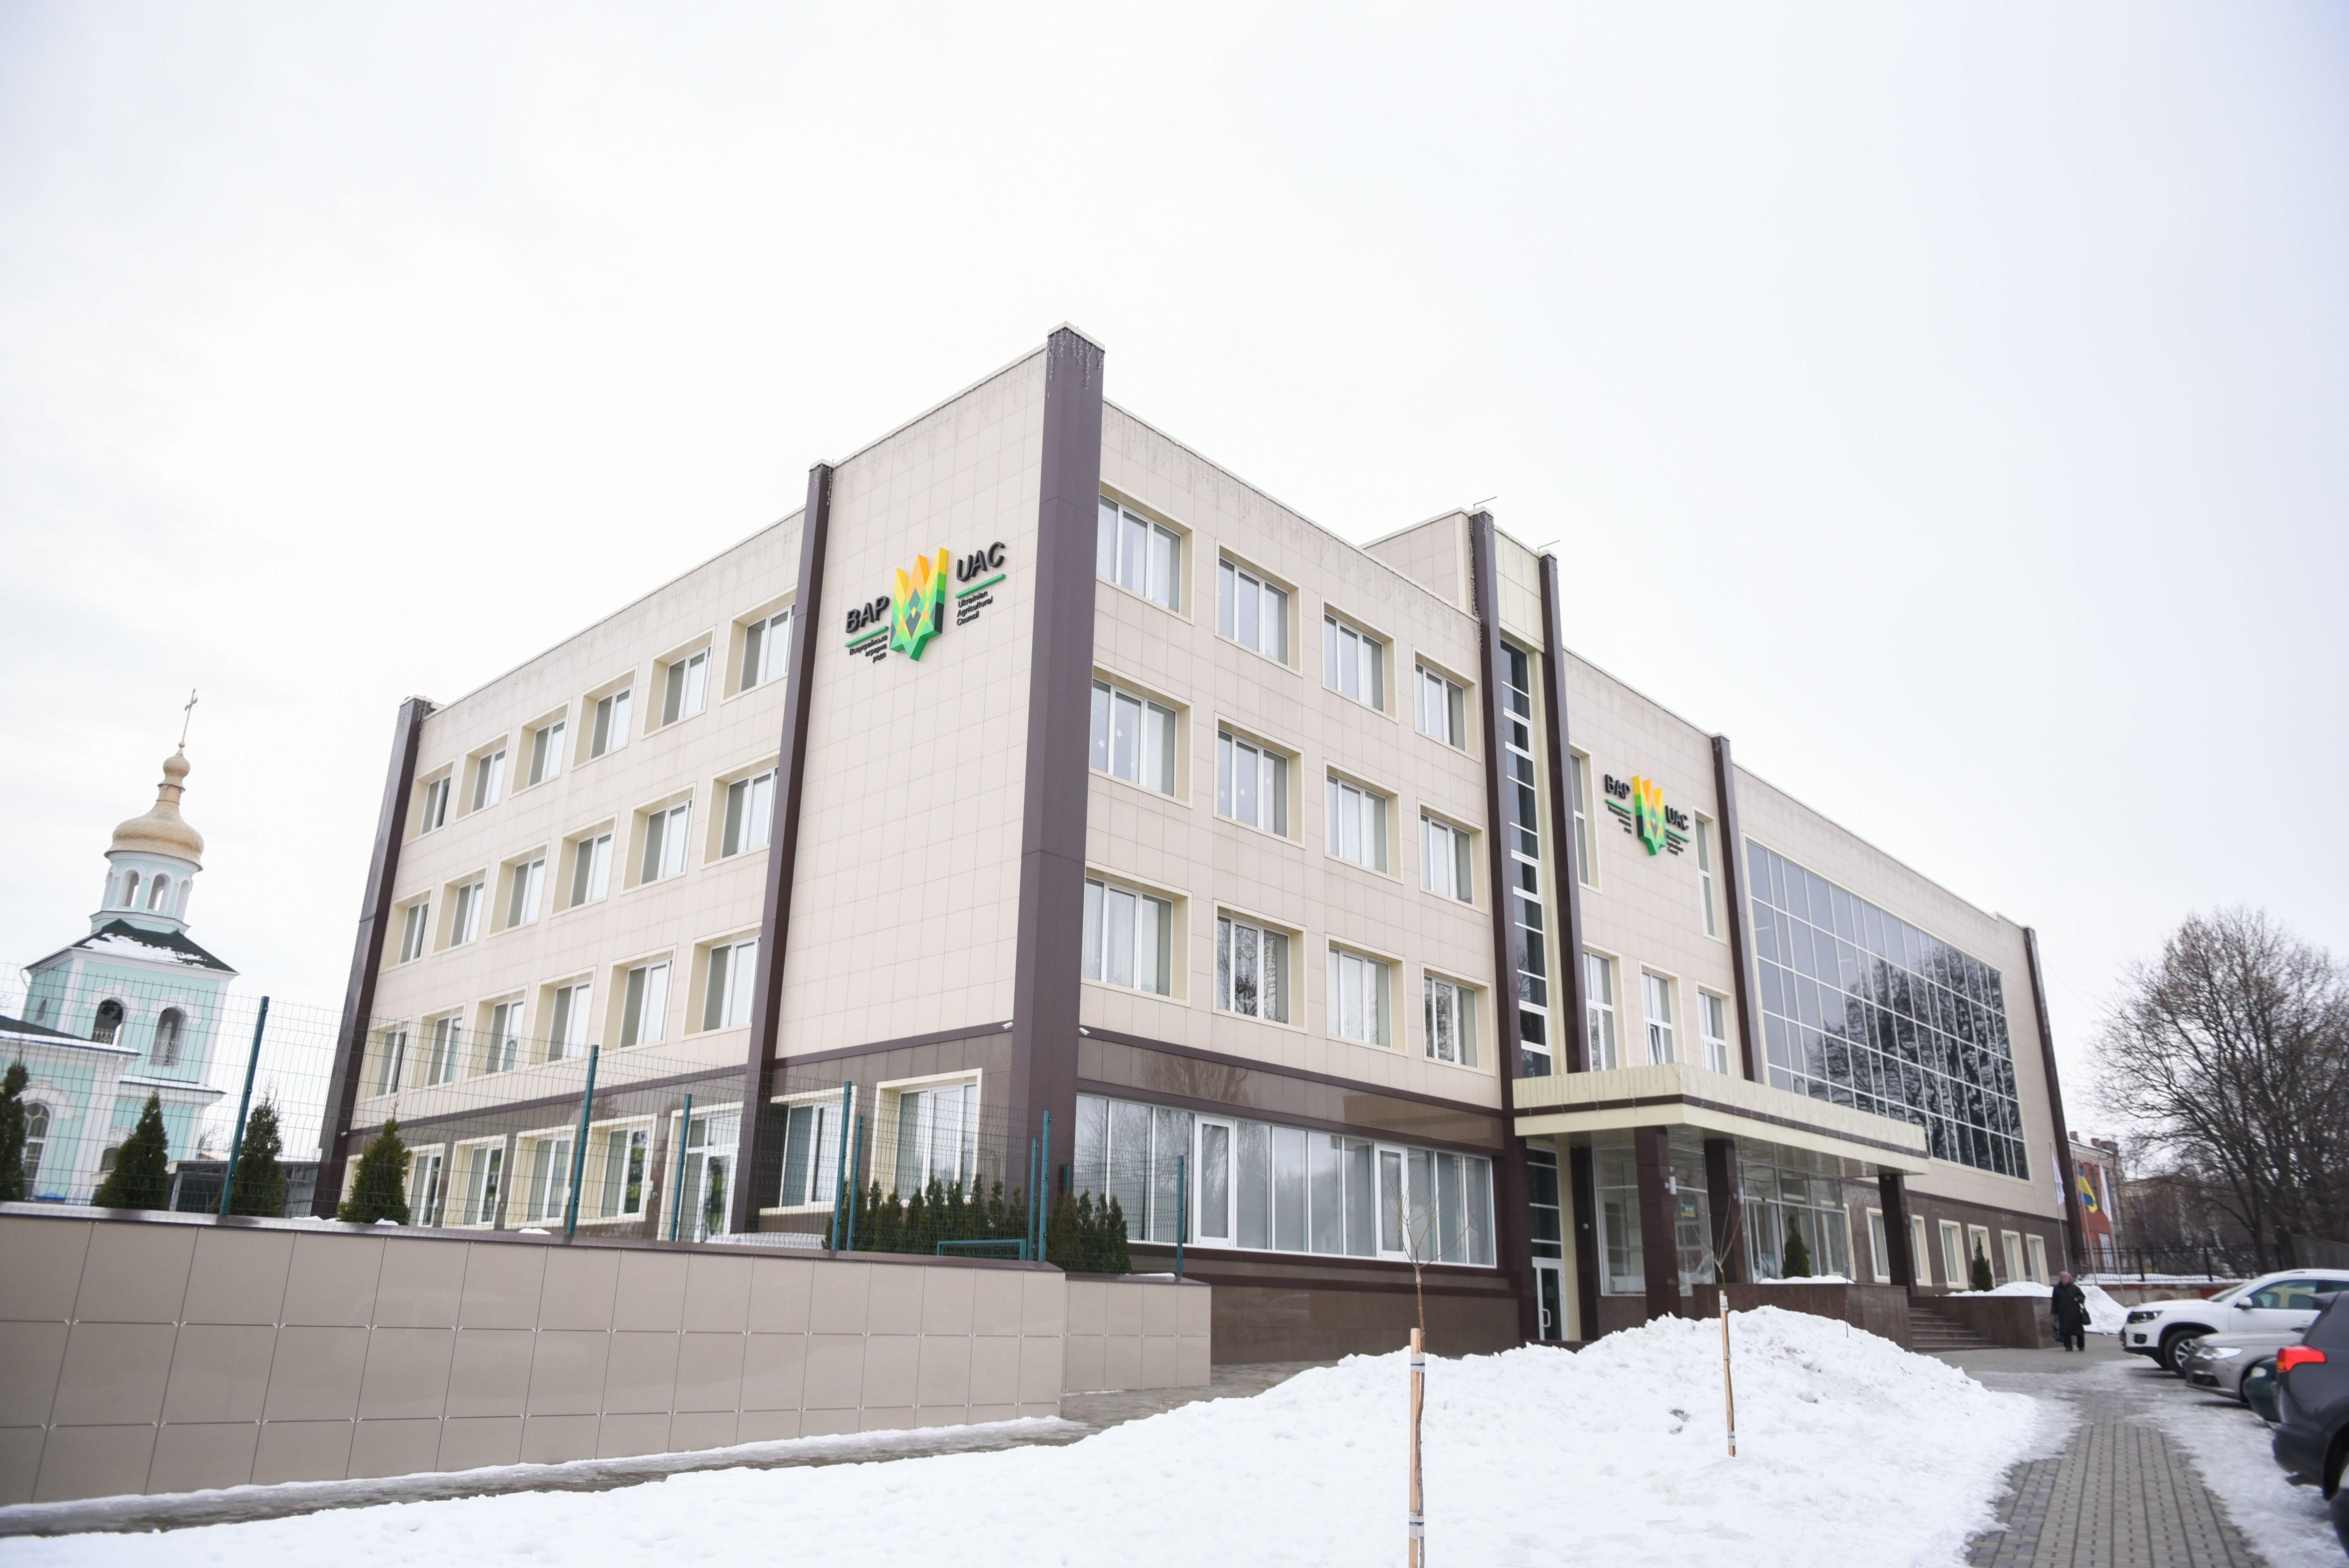 Agravery: Приватні ініціативи не завжди знаходять відгук у суспільстві – директор «Українського аграрного ліцею»